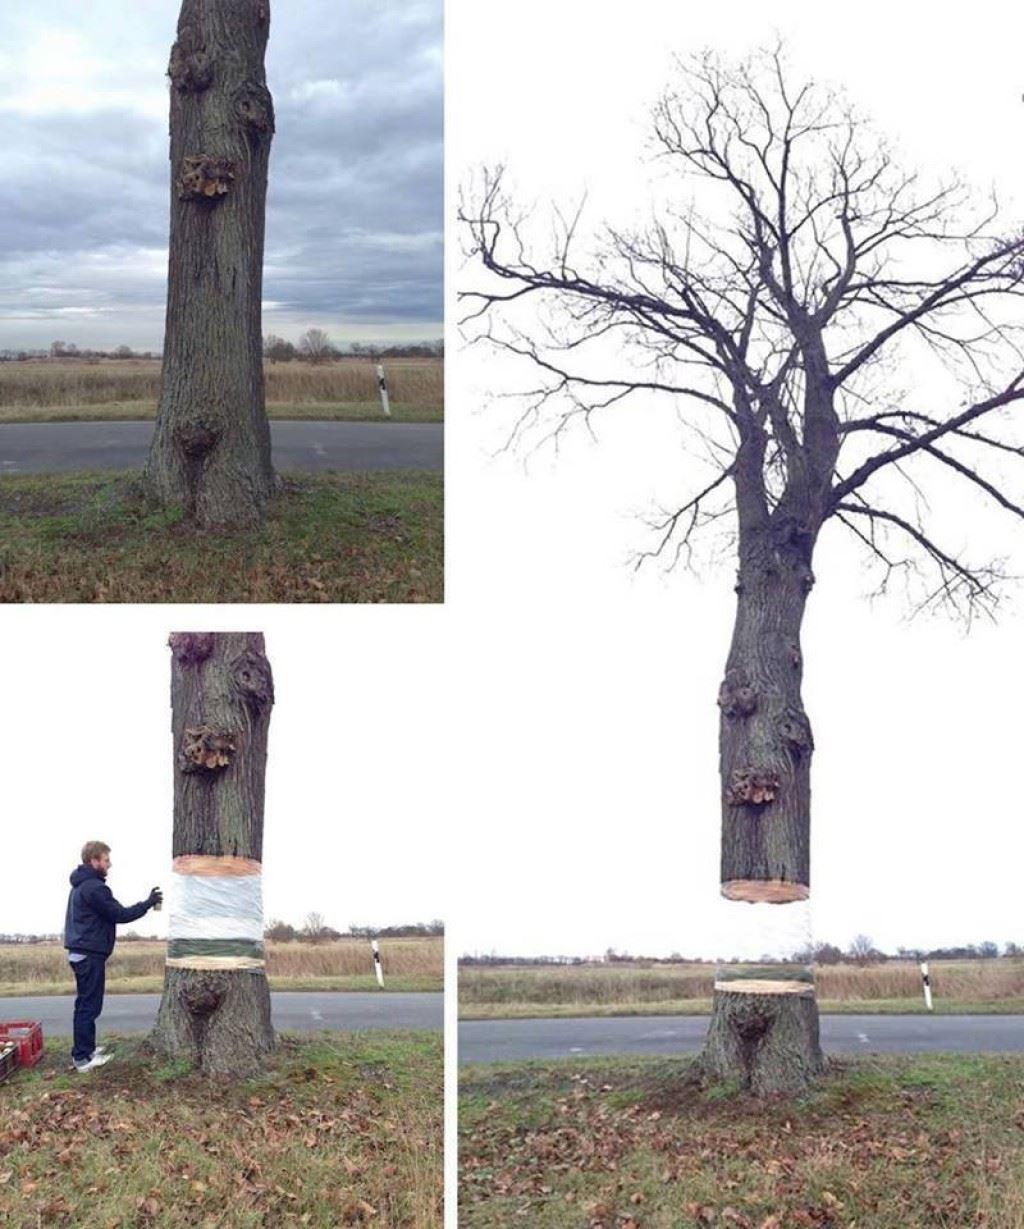 この発想は面白い!木が途中で切断されて空中に浮いているように見えるアート